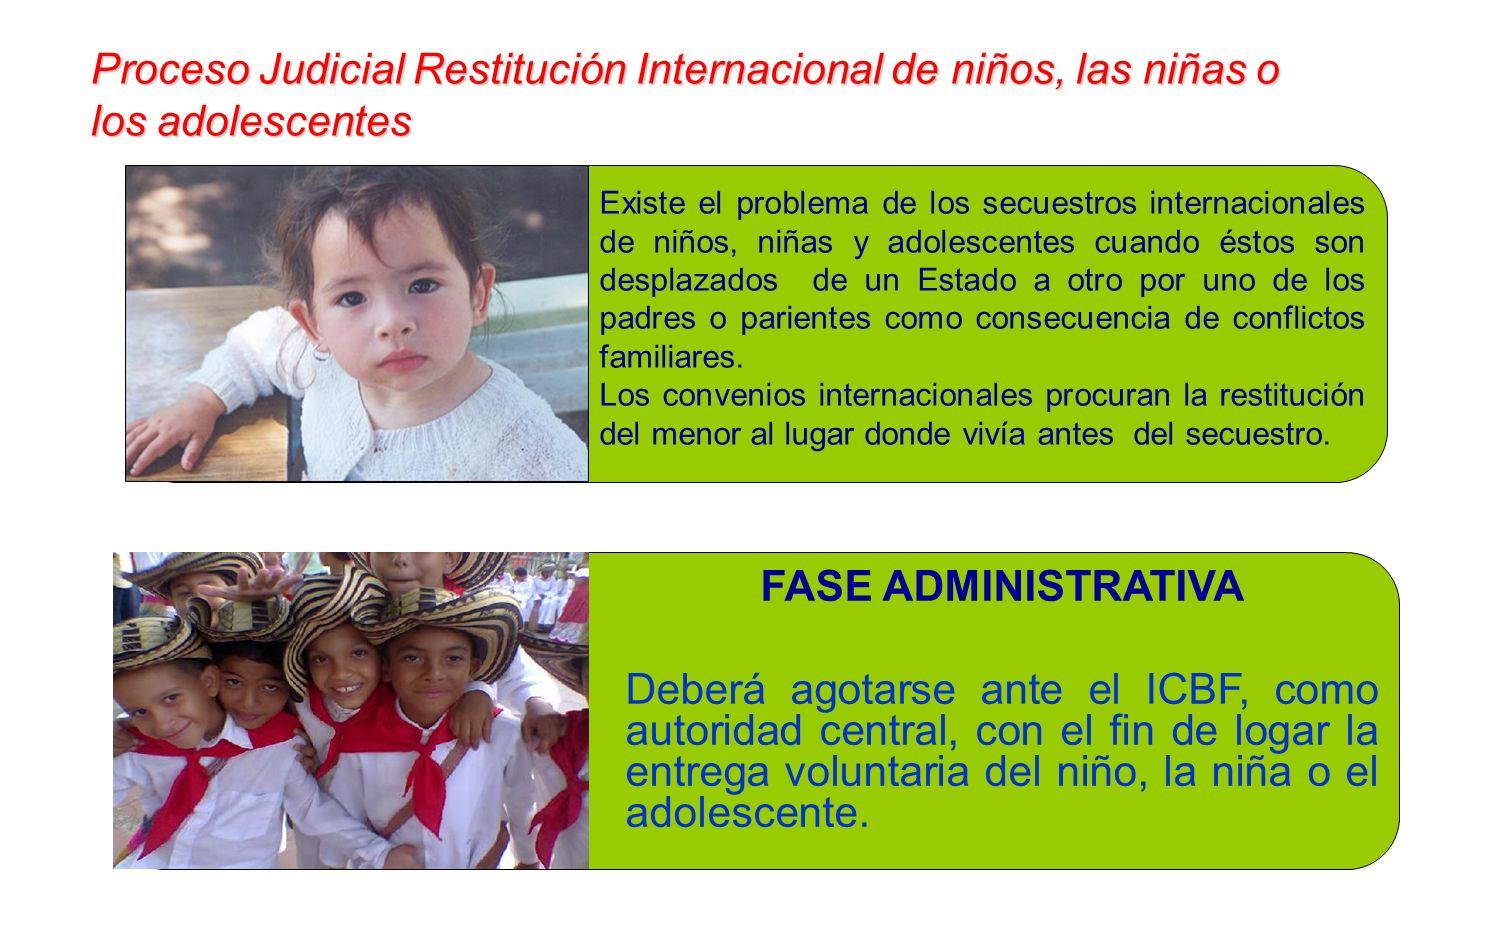 FASE ADMINISTRATIVA Deberá agotarse ante el ICBF, como autoridad central, con el fin de logar la entrega voluntaria del niño, la niña o el adolescente